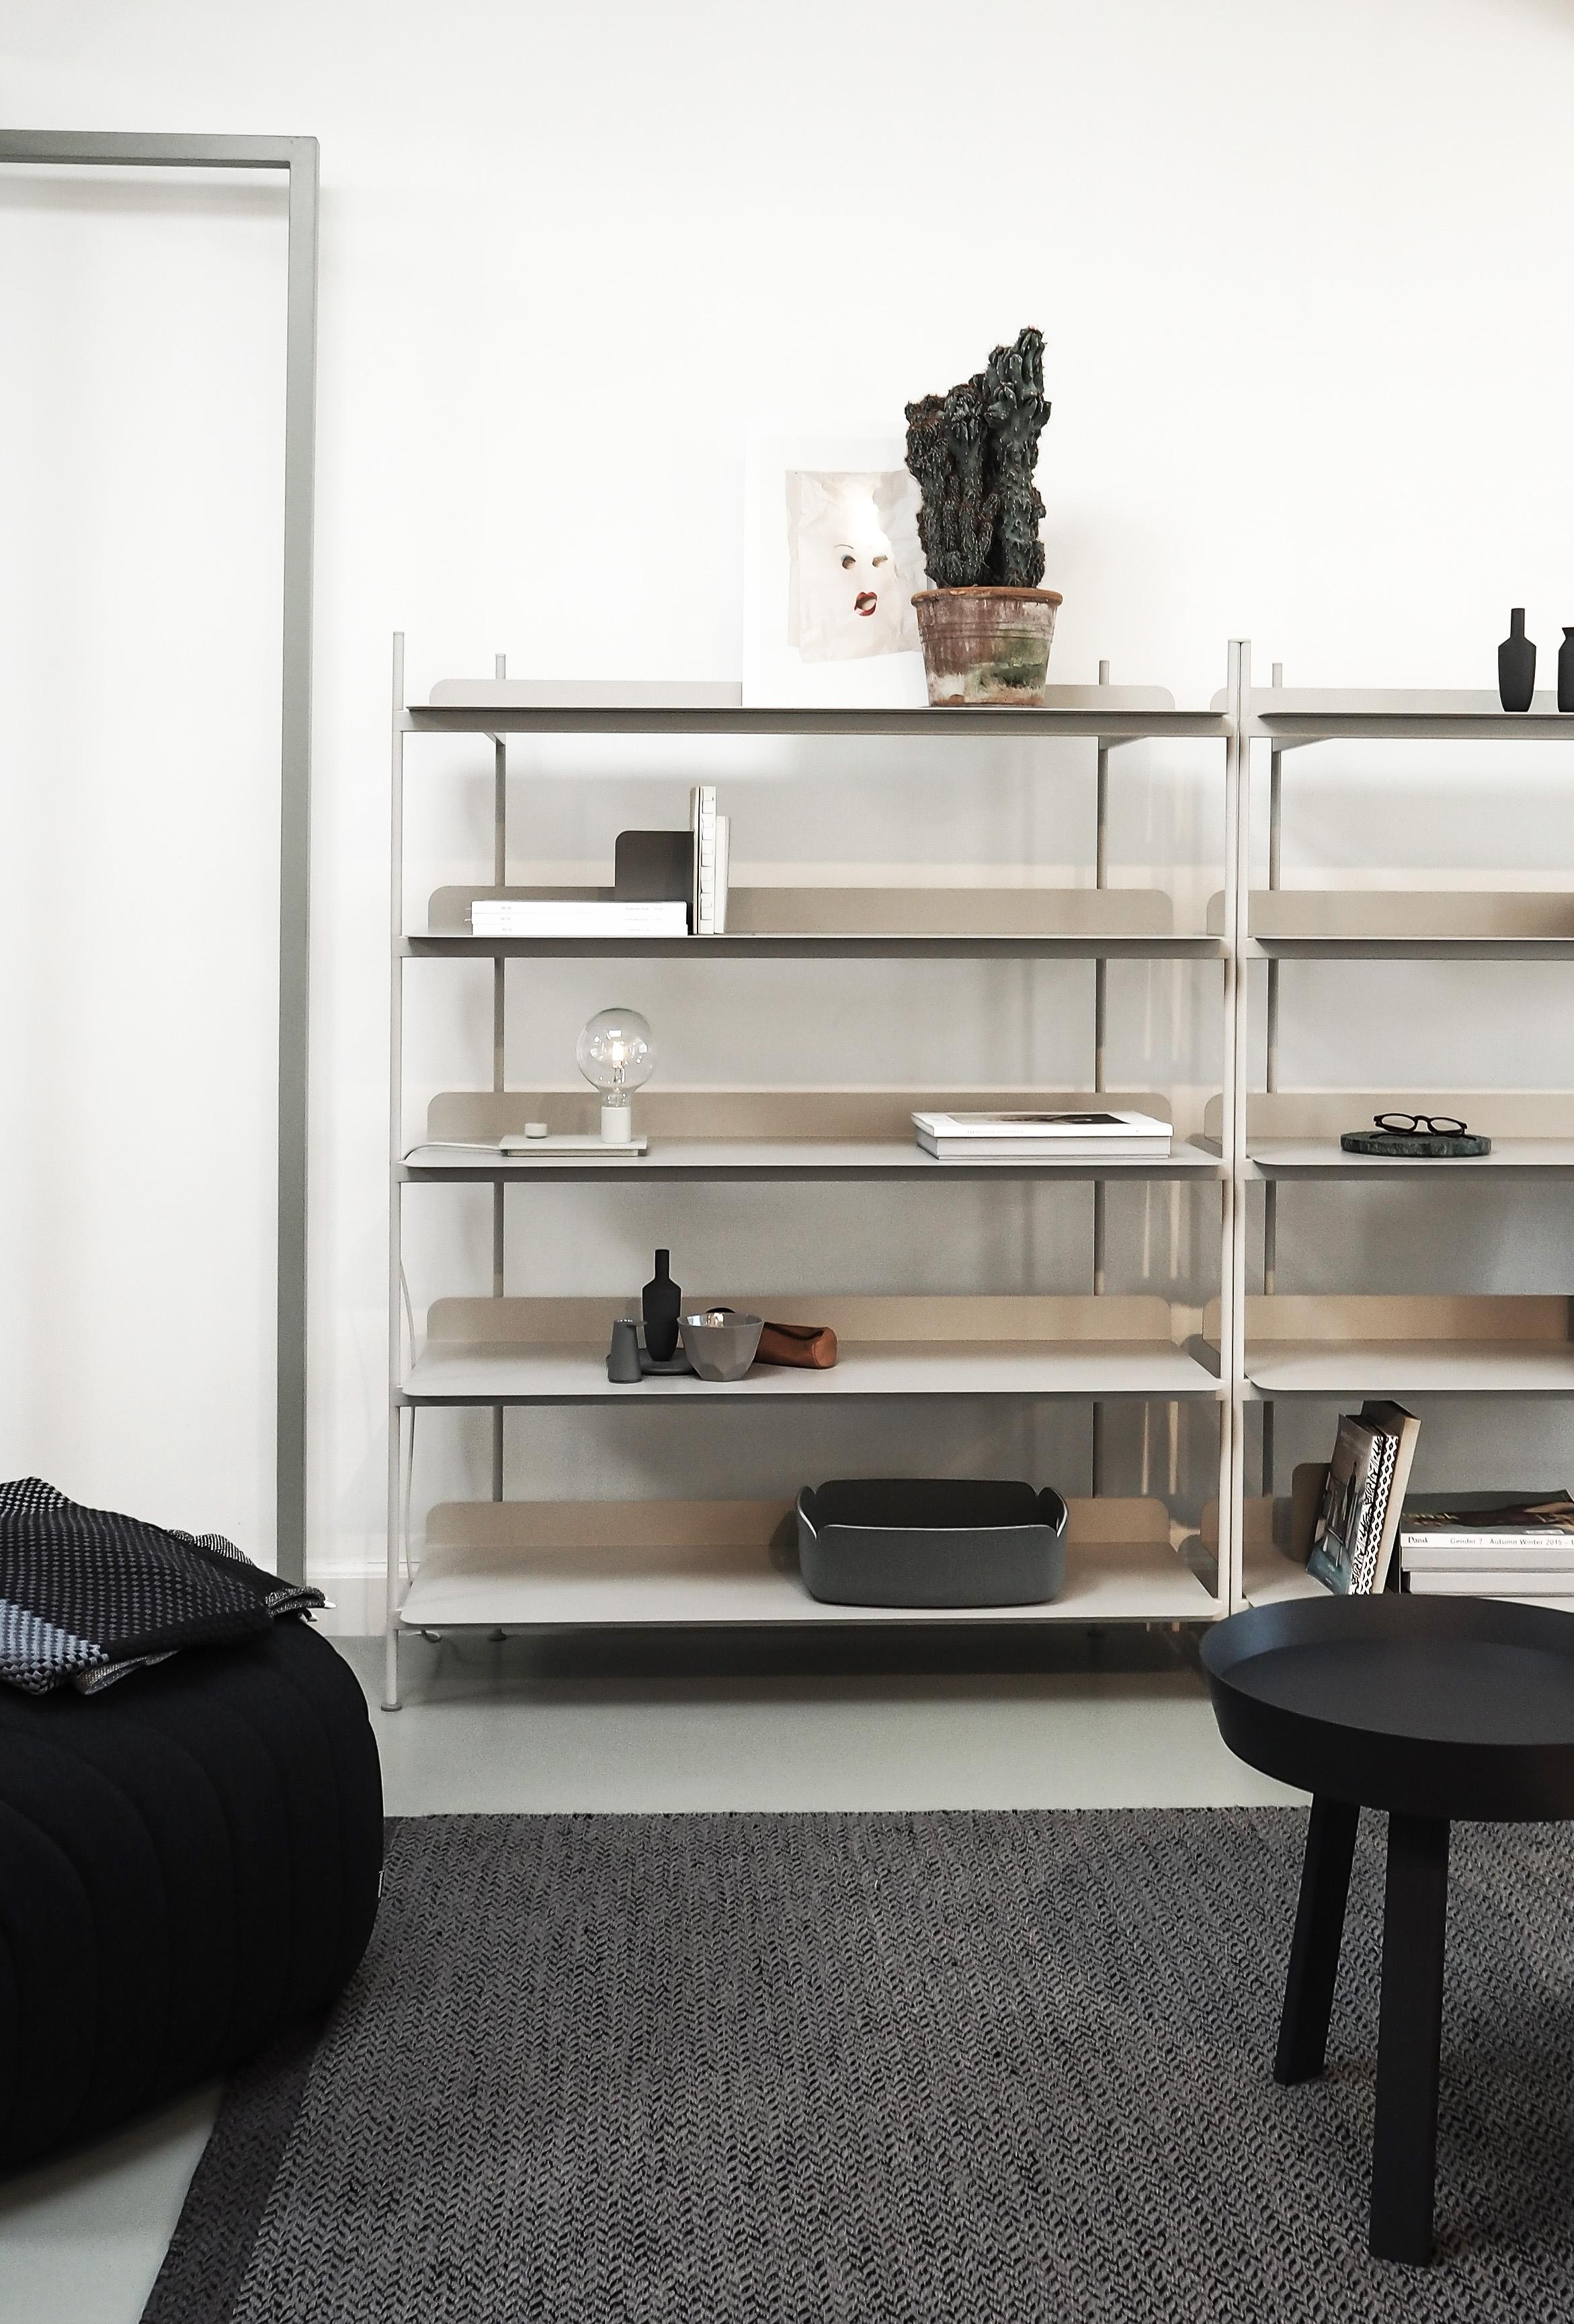 3 days of design - Muuto showroom